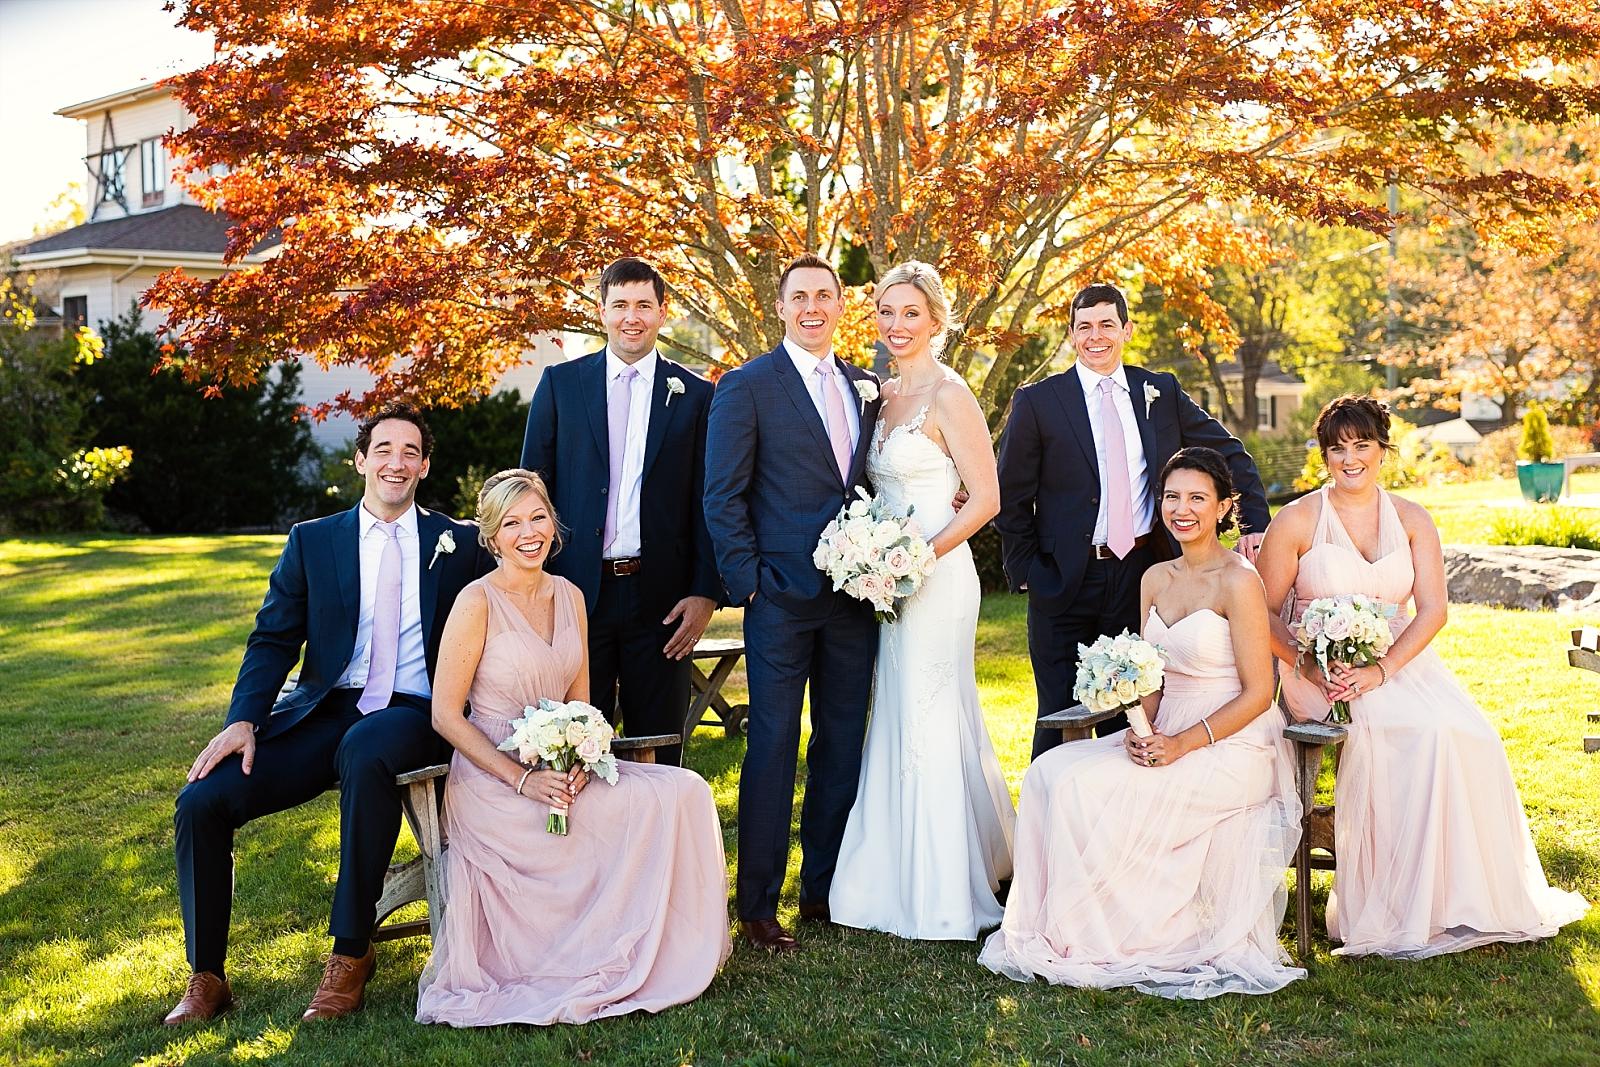 CT_Wedding_Photographer_BeLo_21.jpg